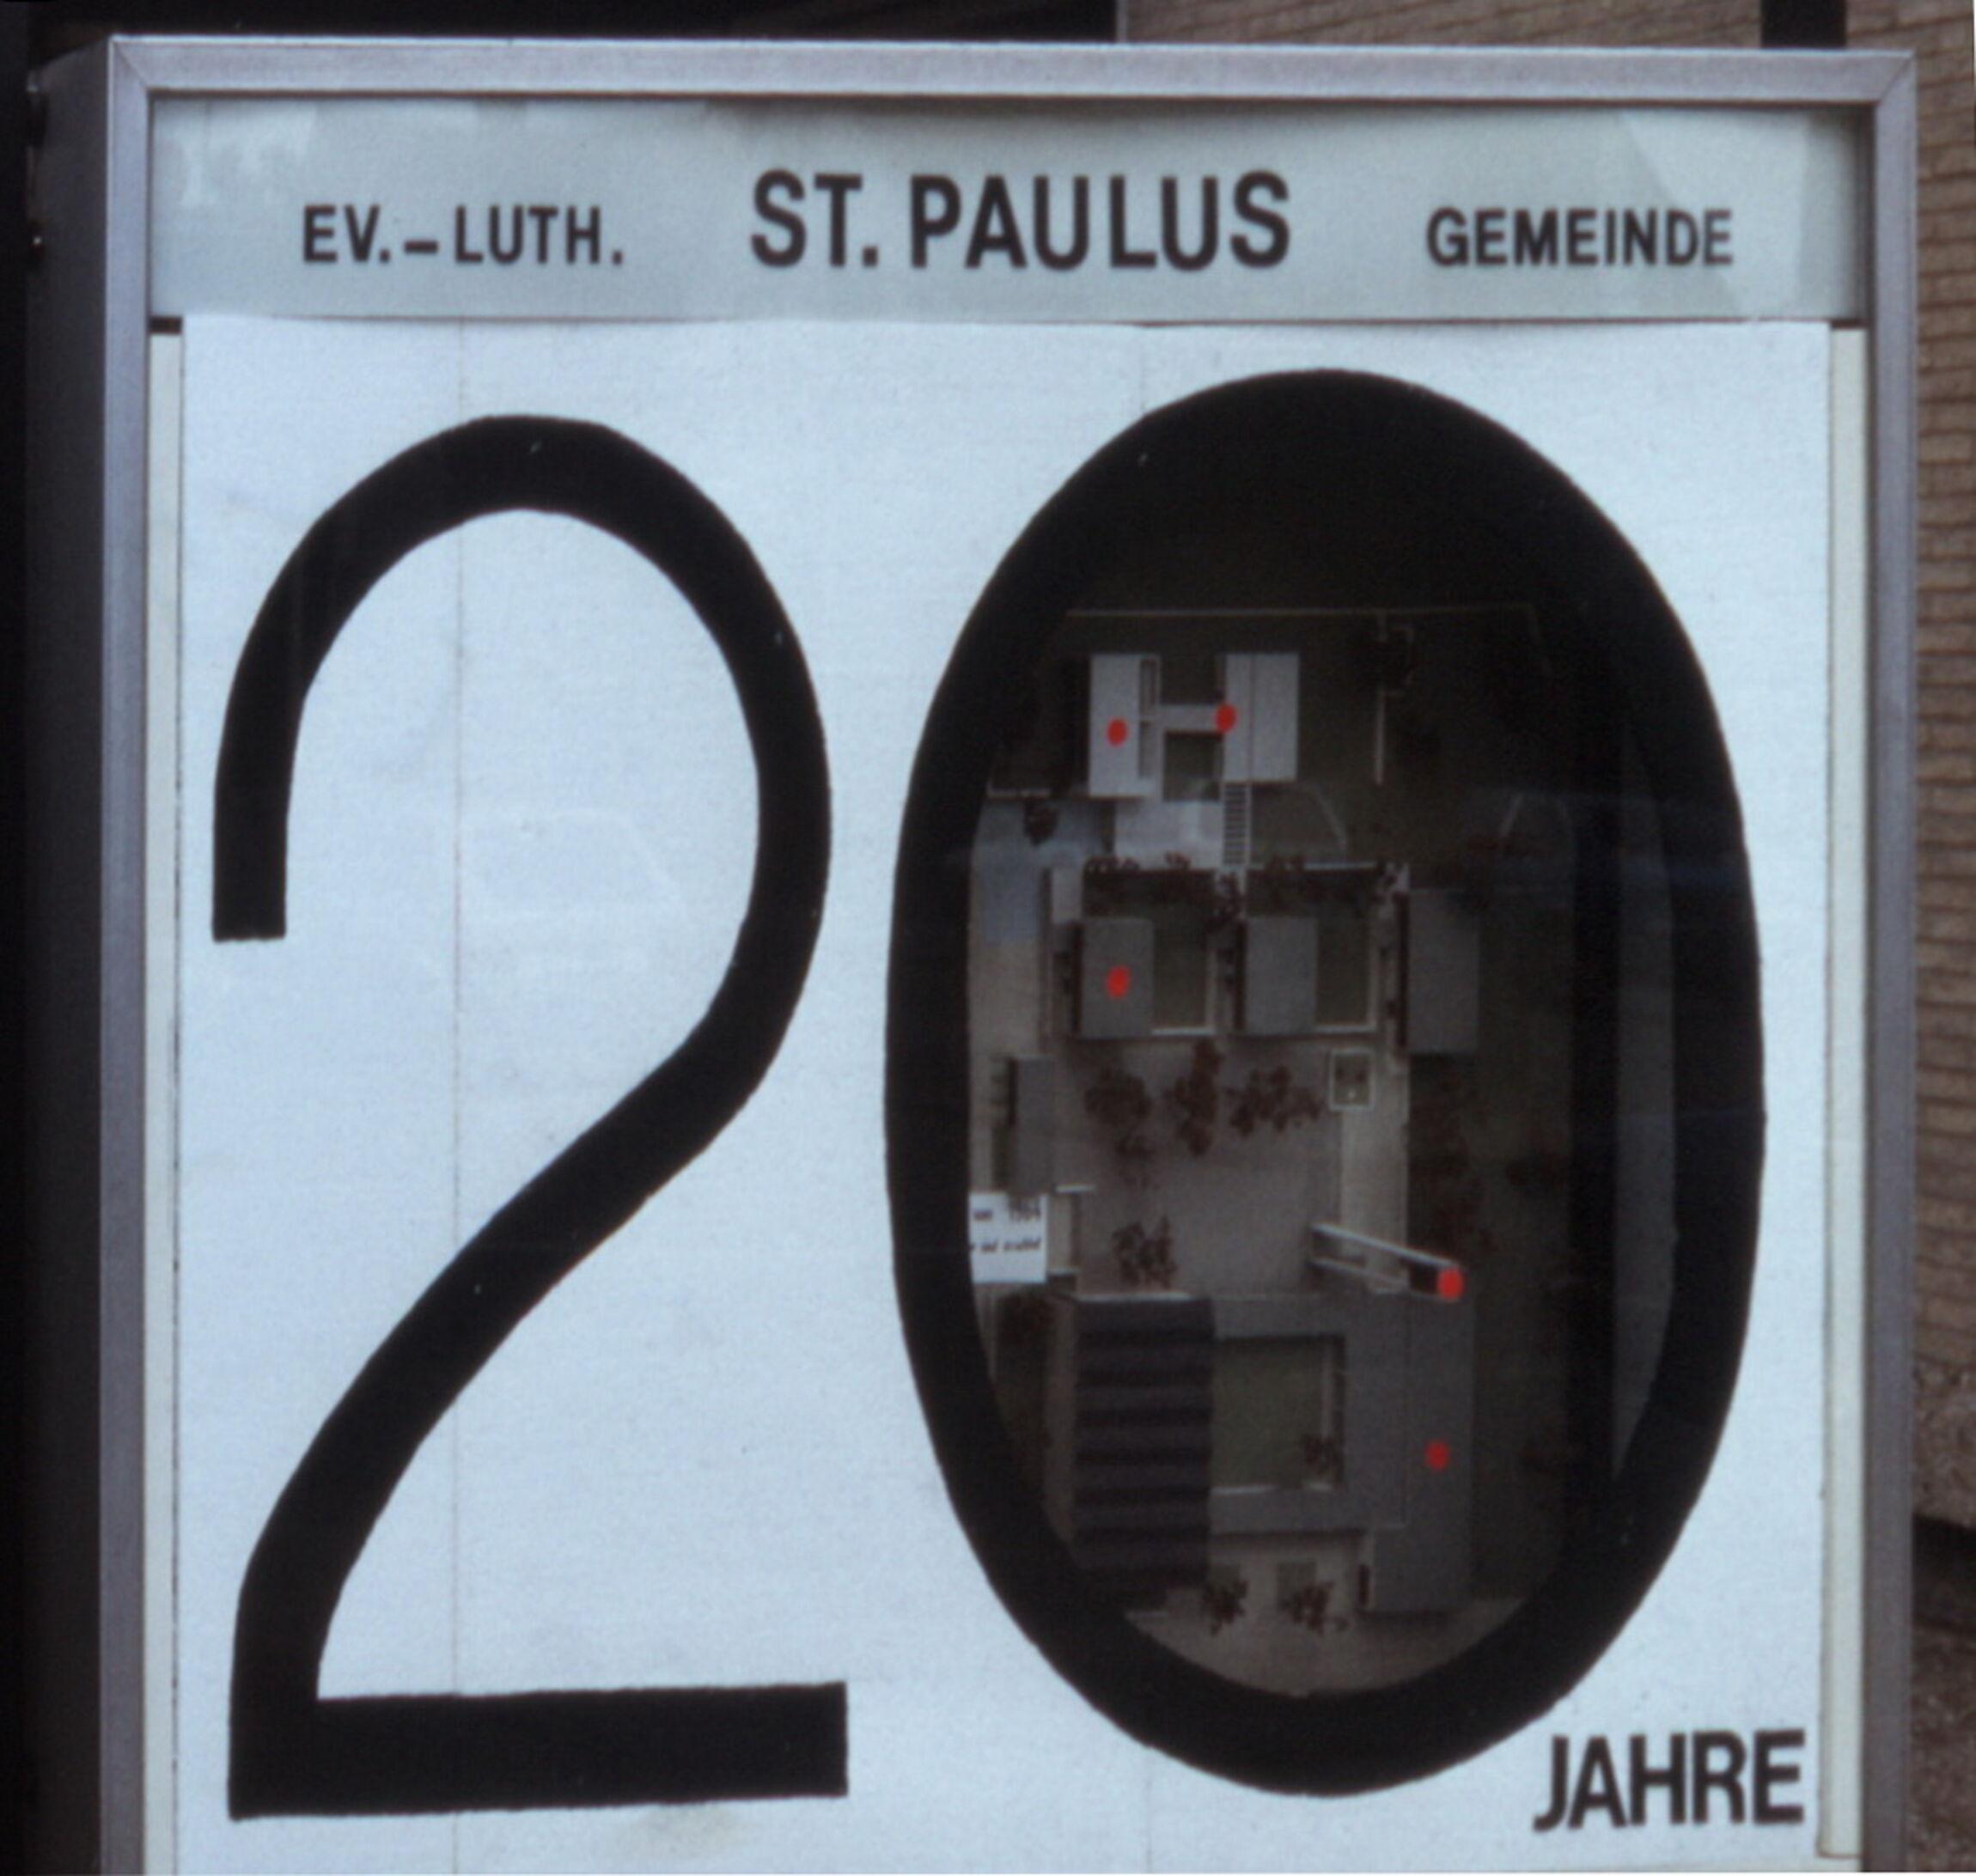 20 Jahre St. Paulusgemeine - Schaukasten